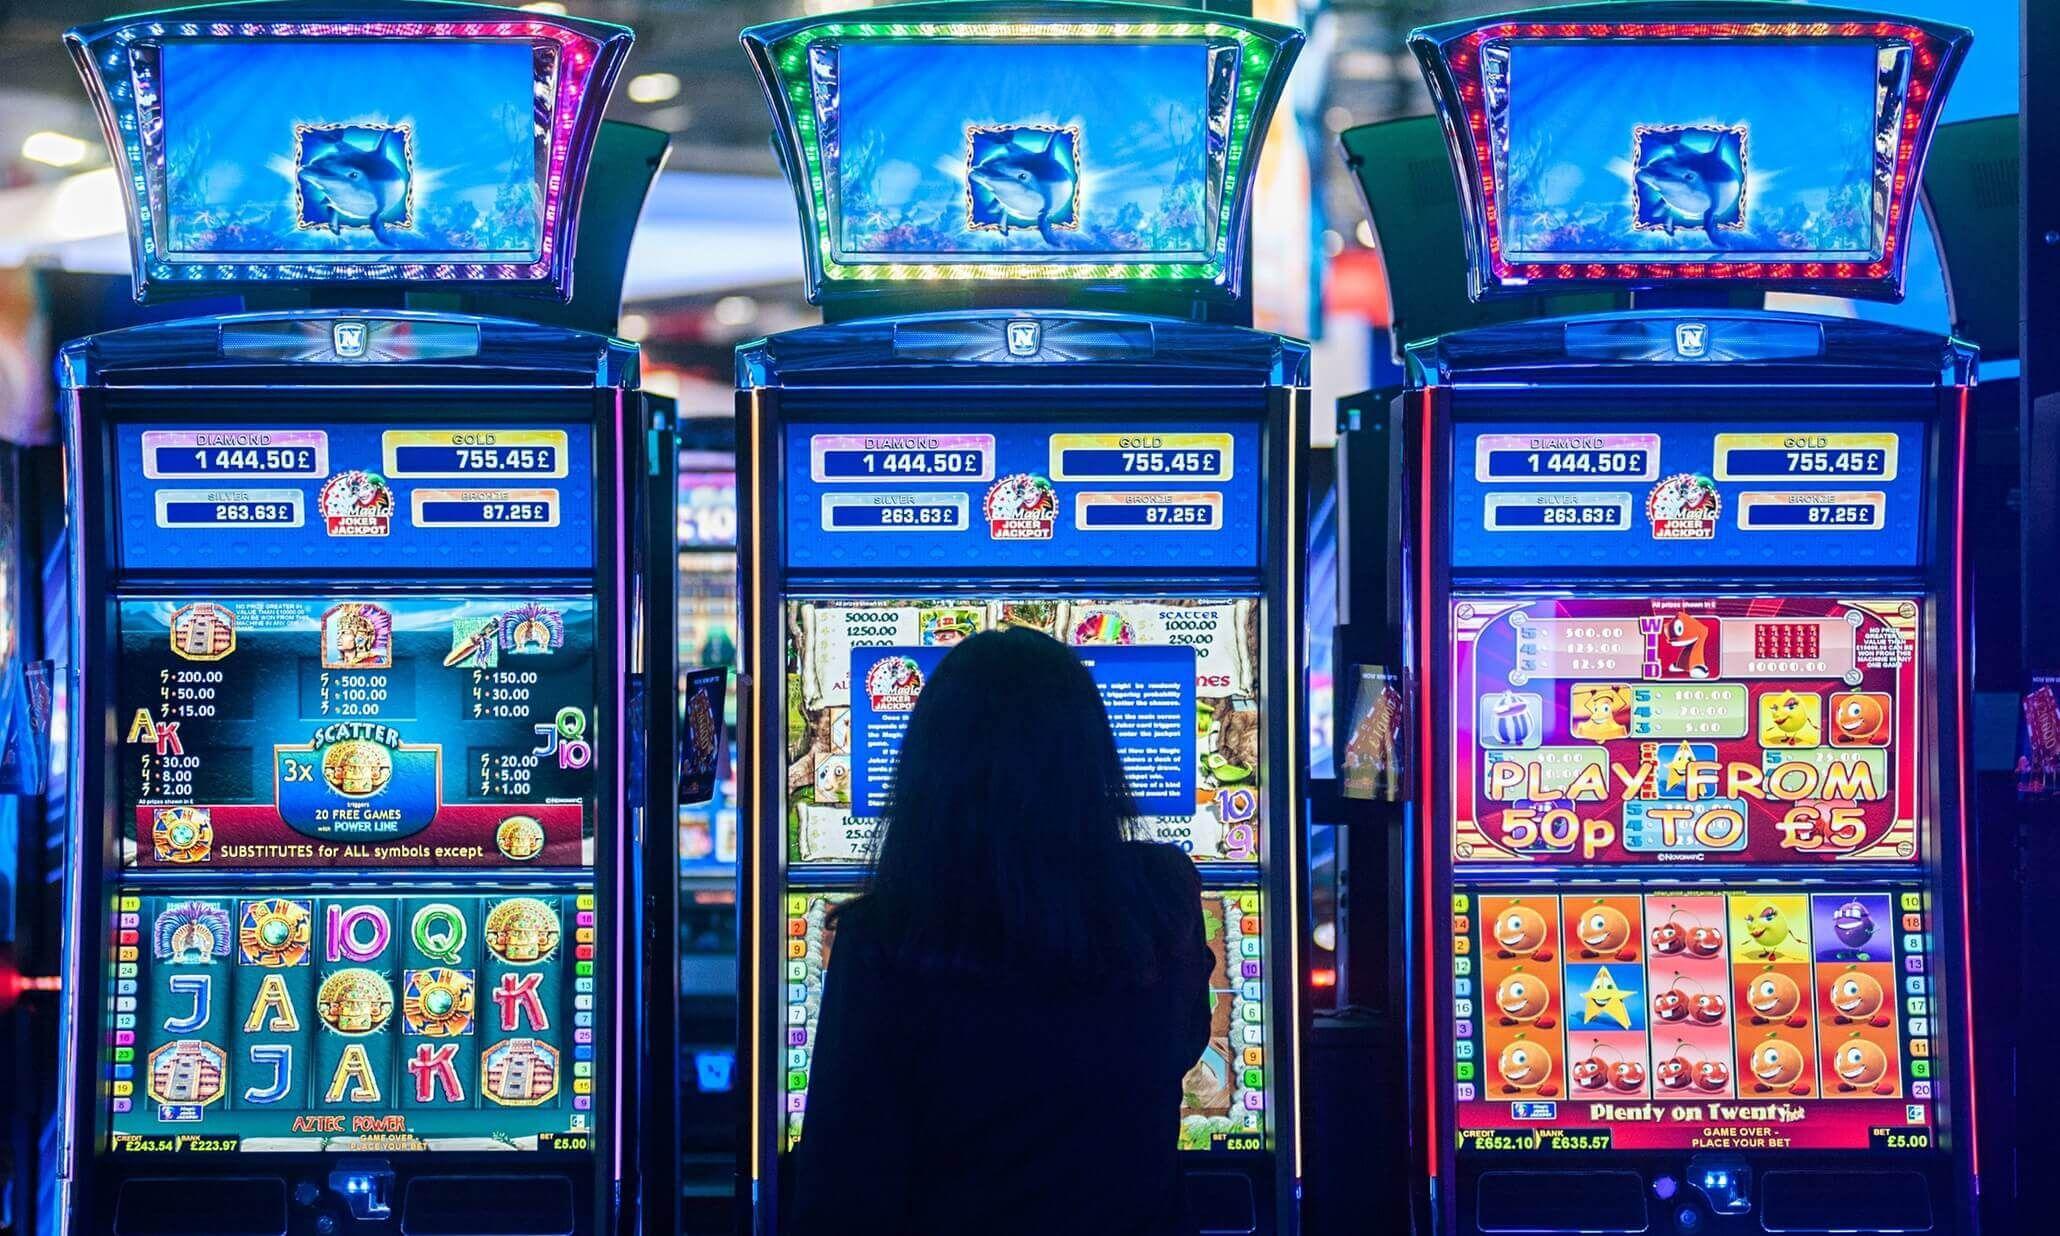 Игровые автоматы обезяно или лягушка скачать для развлечение играть в казино вулкан бит